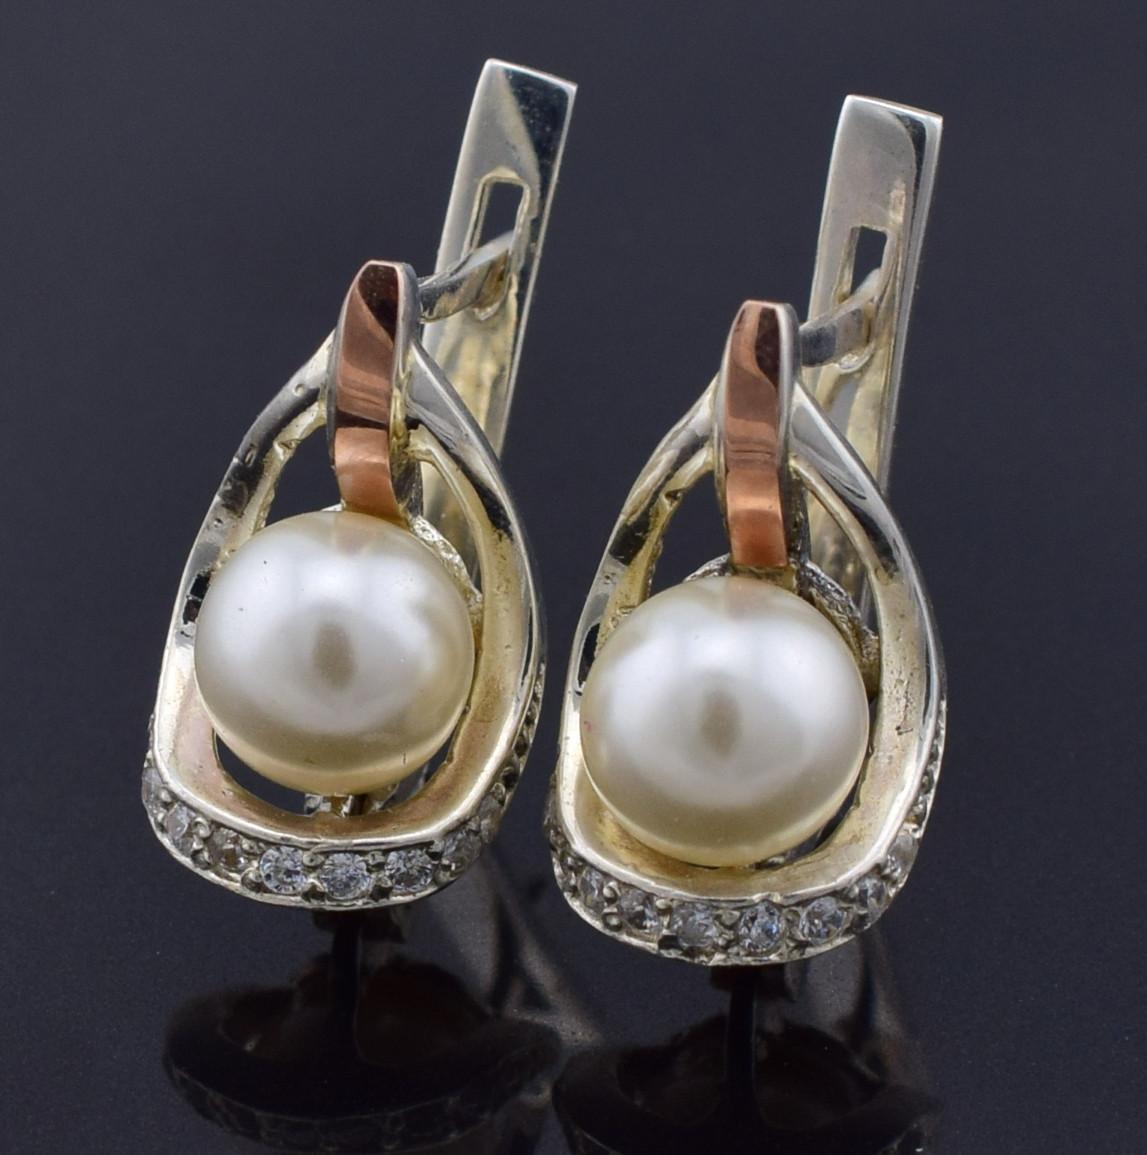 Серебряные серьги с золотом Улыбка размер 17х9 мм вставка искусственный жемчуг вес 4.4 г